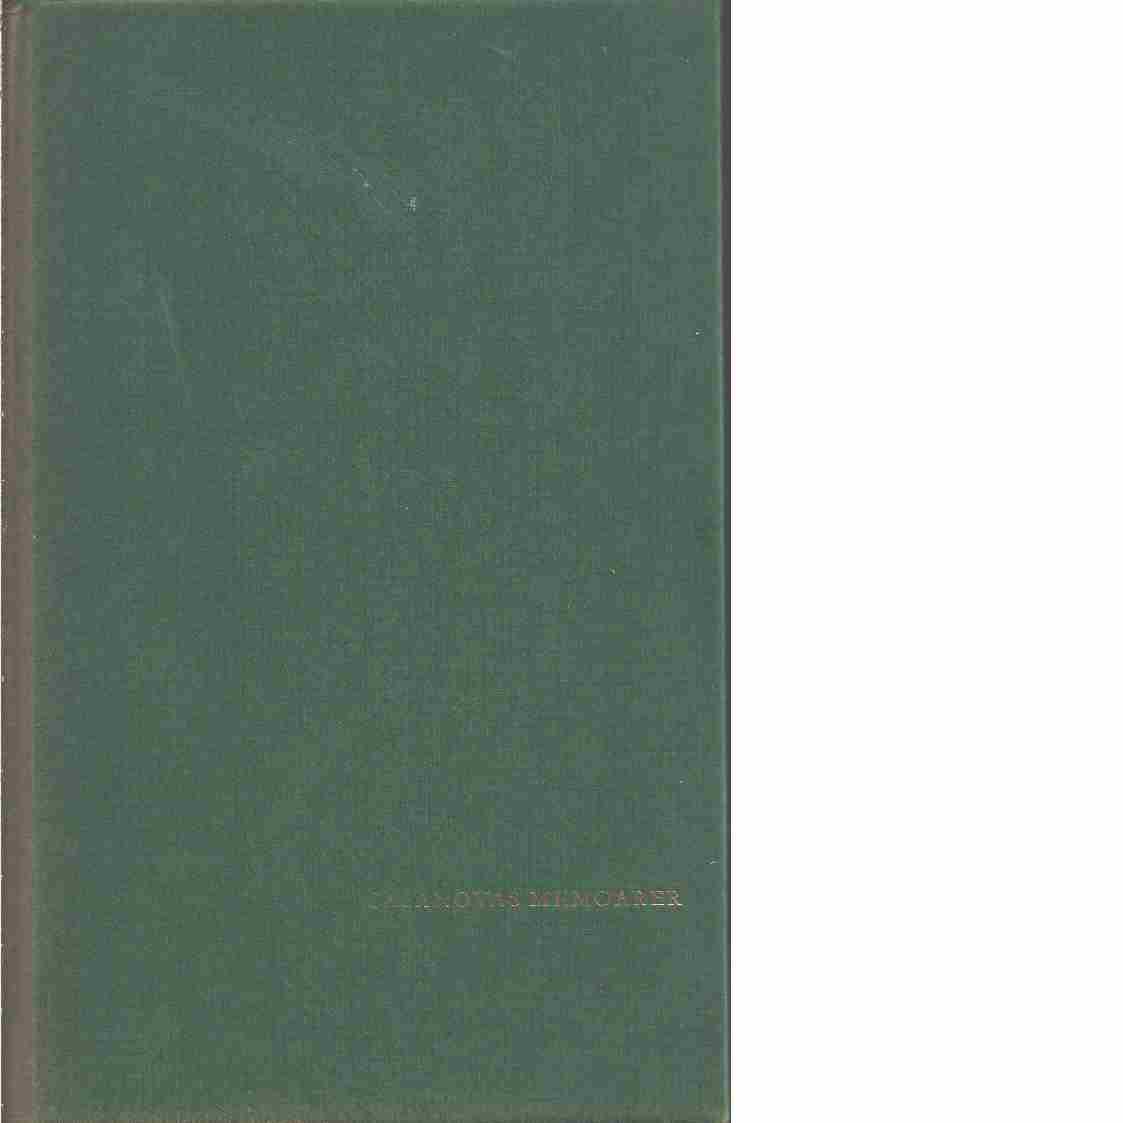 Casanovas memoarer tiden omkring 1745-1748 - Casanova, Giovanni Giacomo